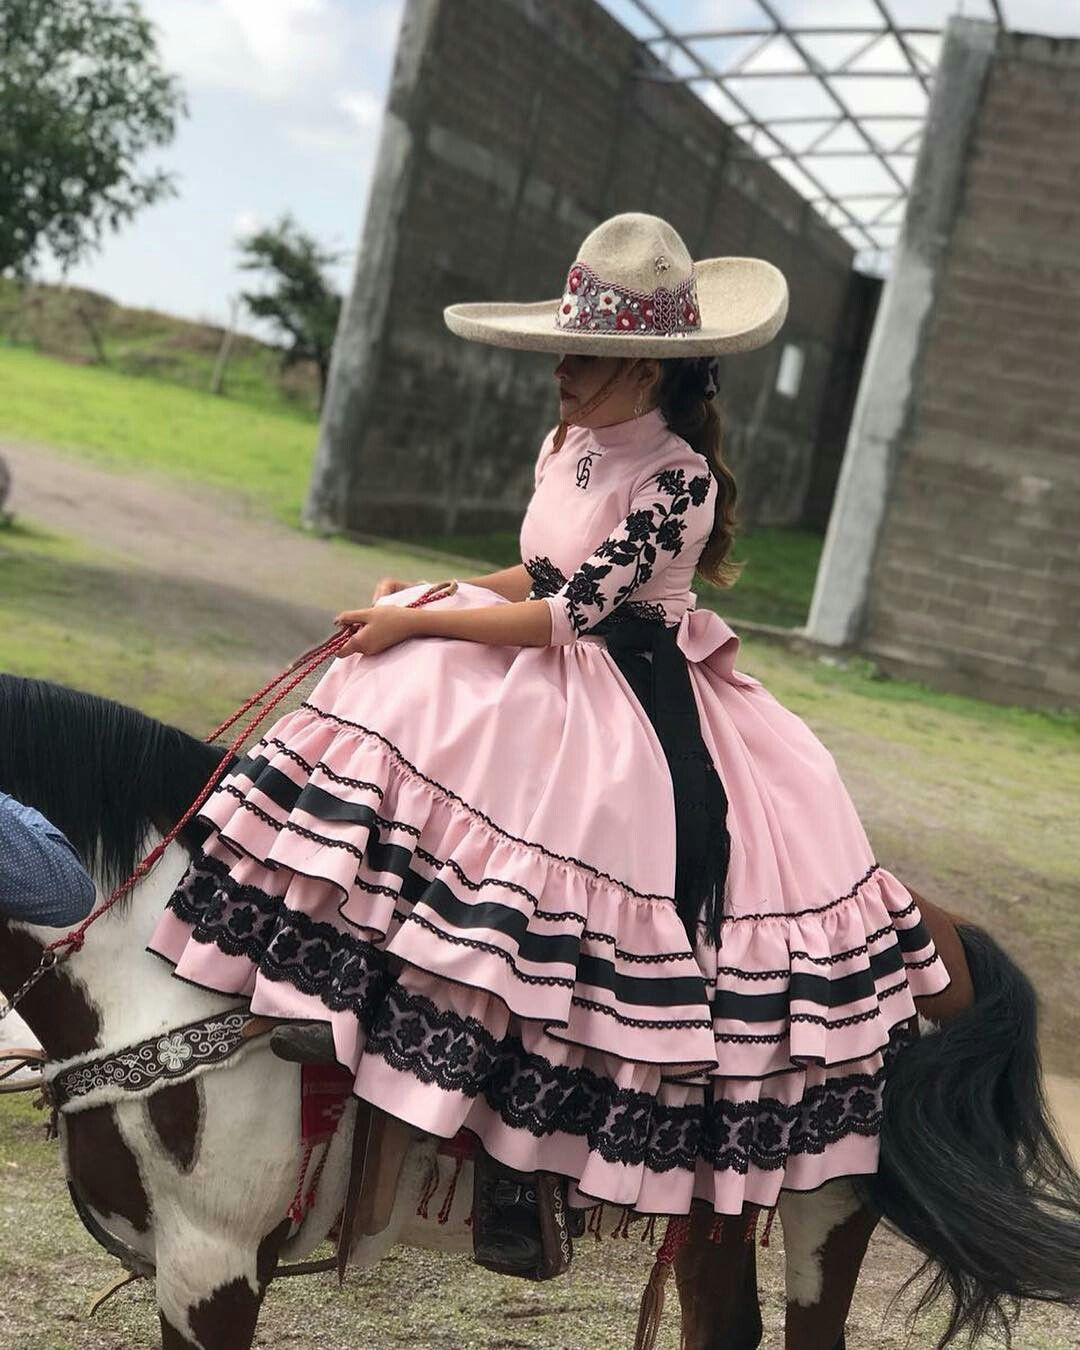 Escaramuza Hermoso Vestido En 2019 Vestidos Escaramuza